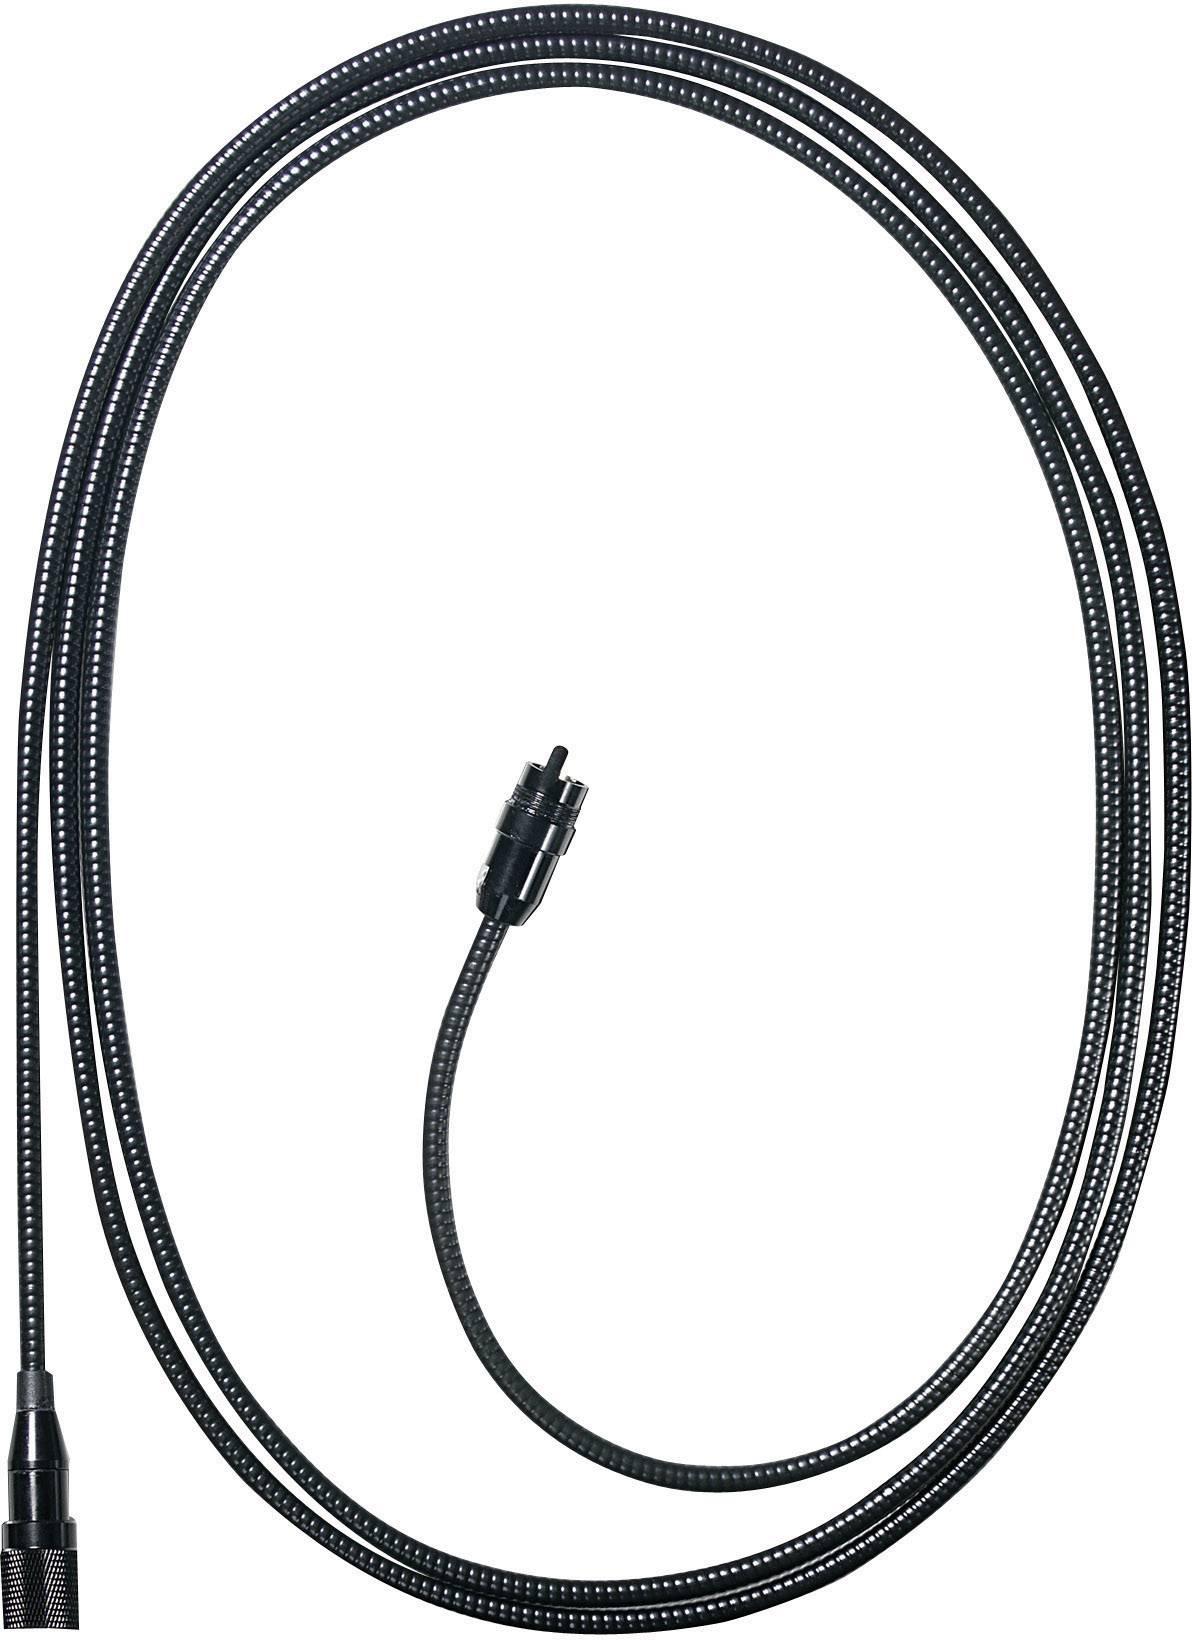 Predĺženie sondy pre endoskop BS-200, Ø 9,8 mm, dĺžka 3 m